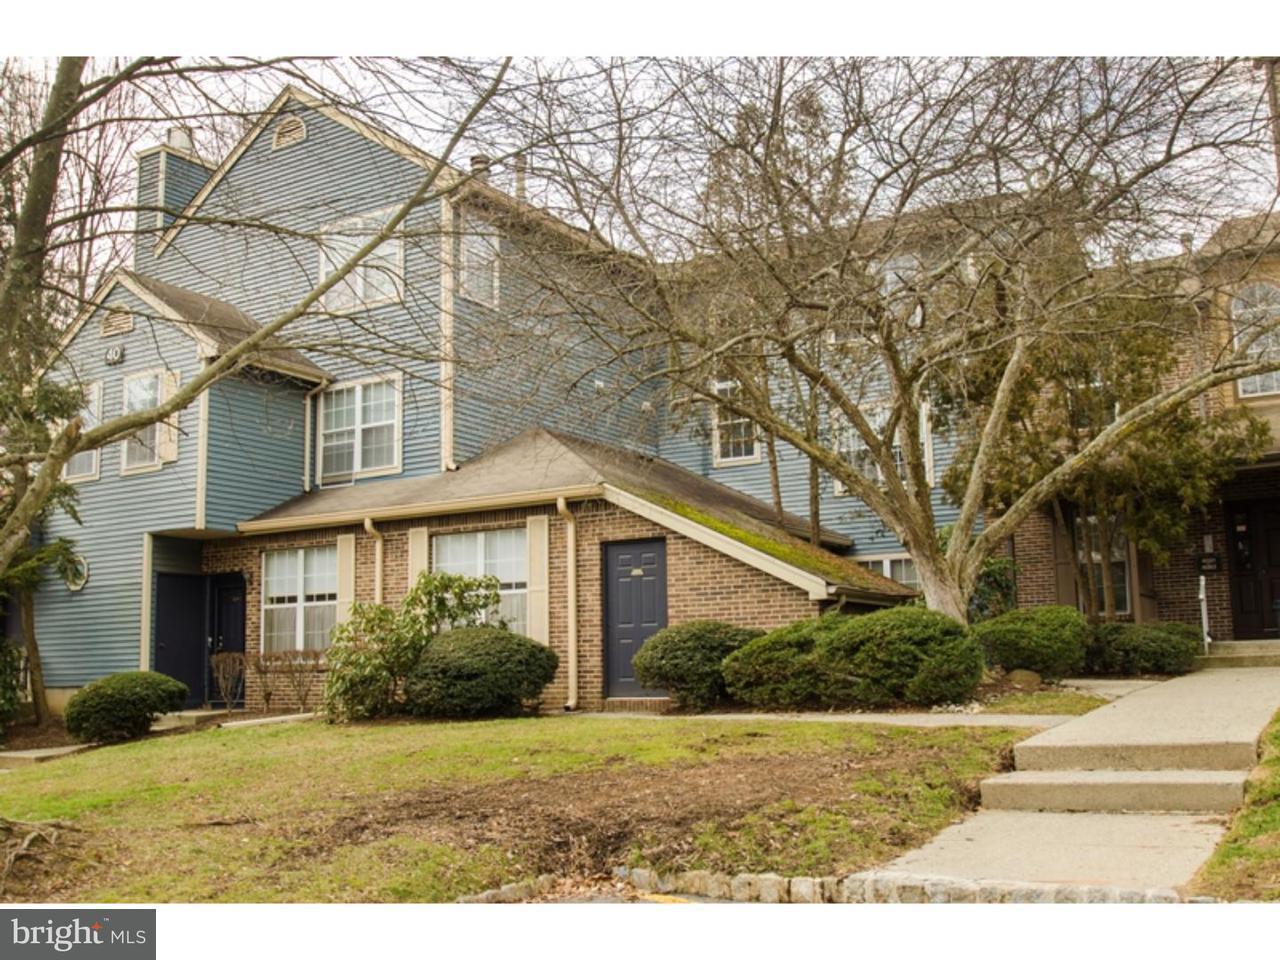 Casa Unifamiliar por un Alquiler en 4073 BAYBERRY CT #4073 Monmouth Junction, Nueva Jersey 08852 Estados UnidosEn/Alrededor: South Brunswick Township